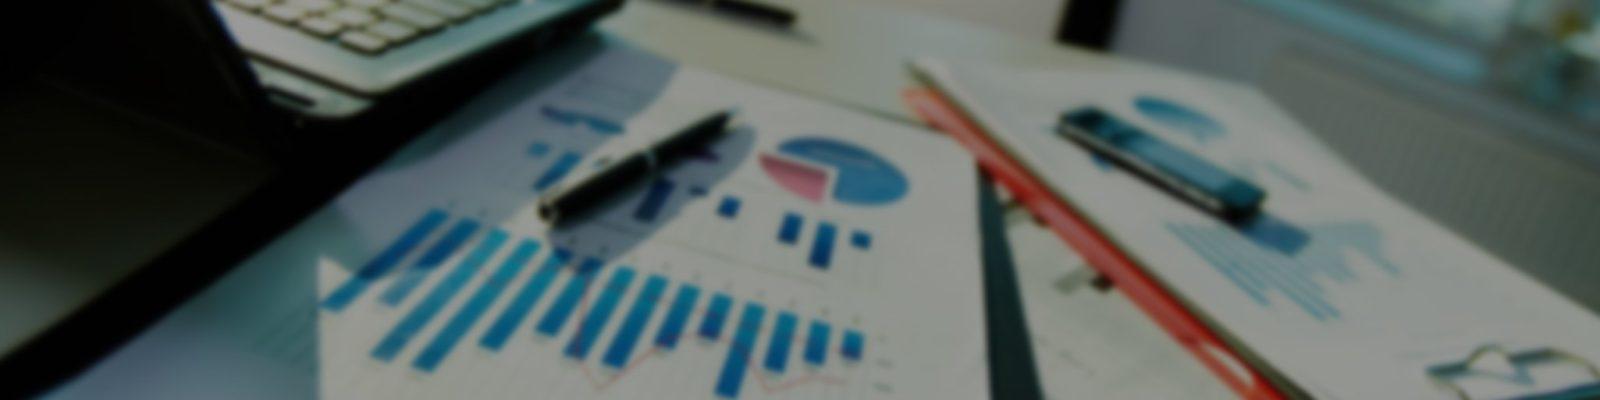 Letibo web dizajn - cijena